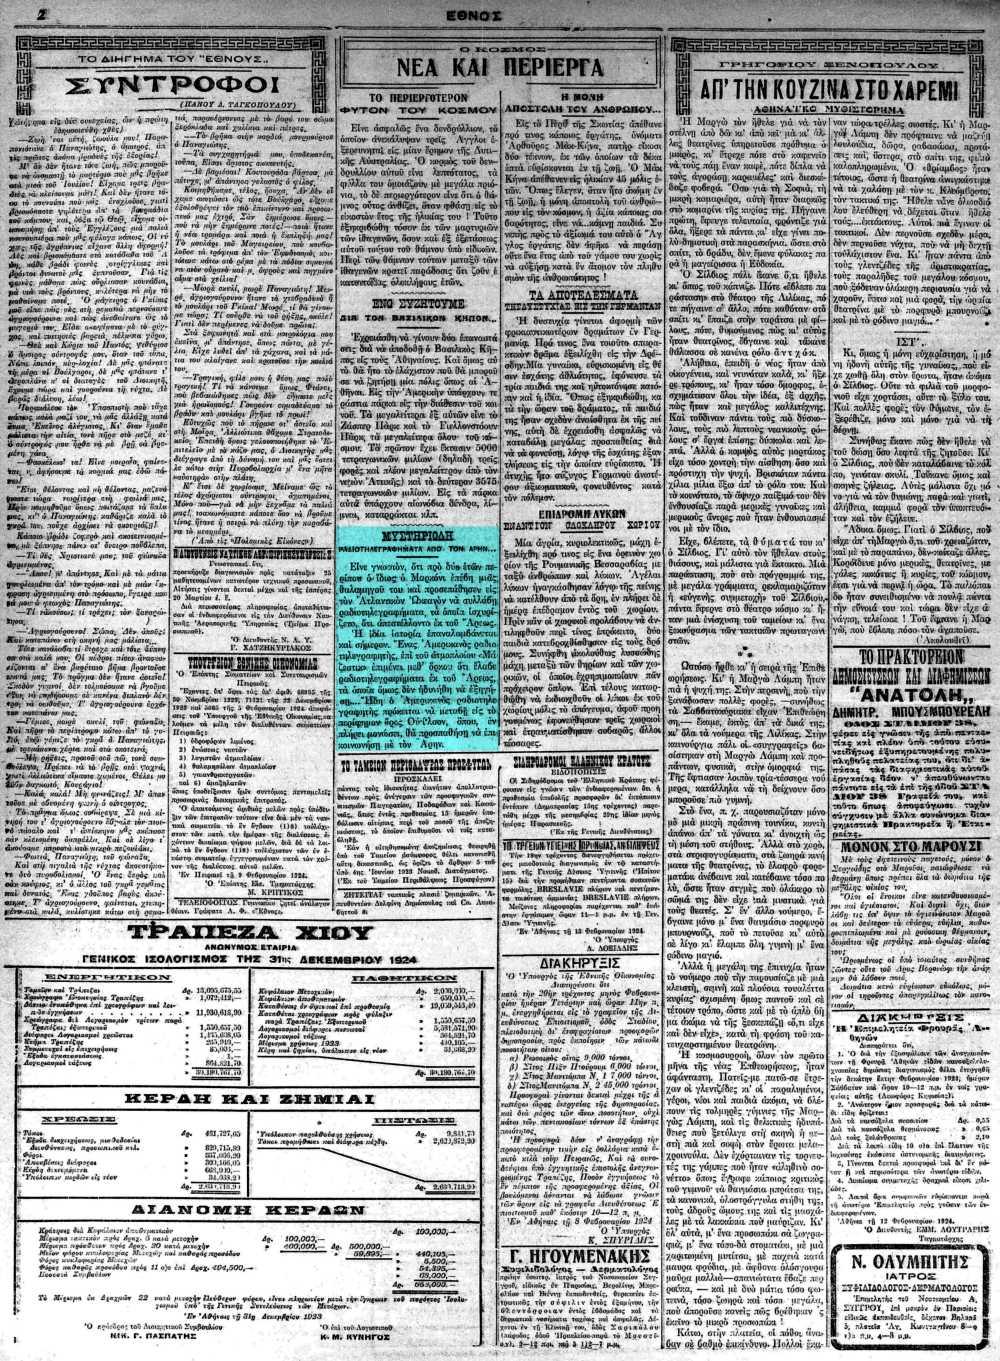 """Το άρθρο, όπως δημοσιεύθηκε στην εφημερίδα """"ΕΘΝΟΣ"""", στις 13/02/1924"""